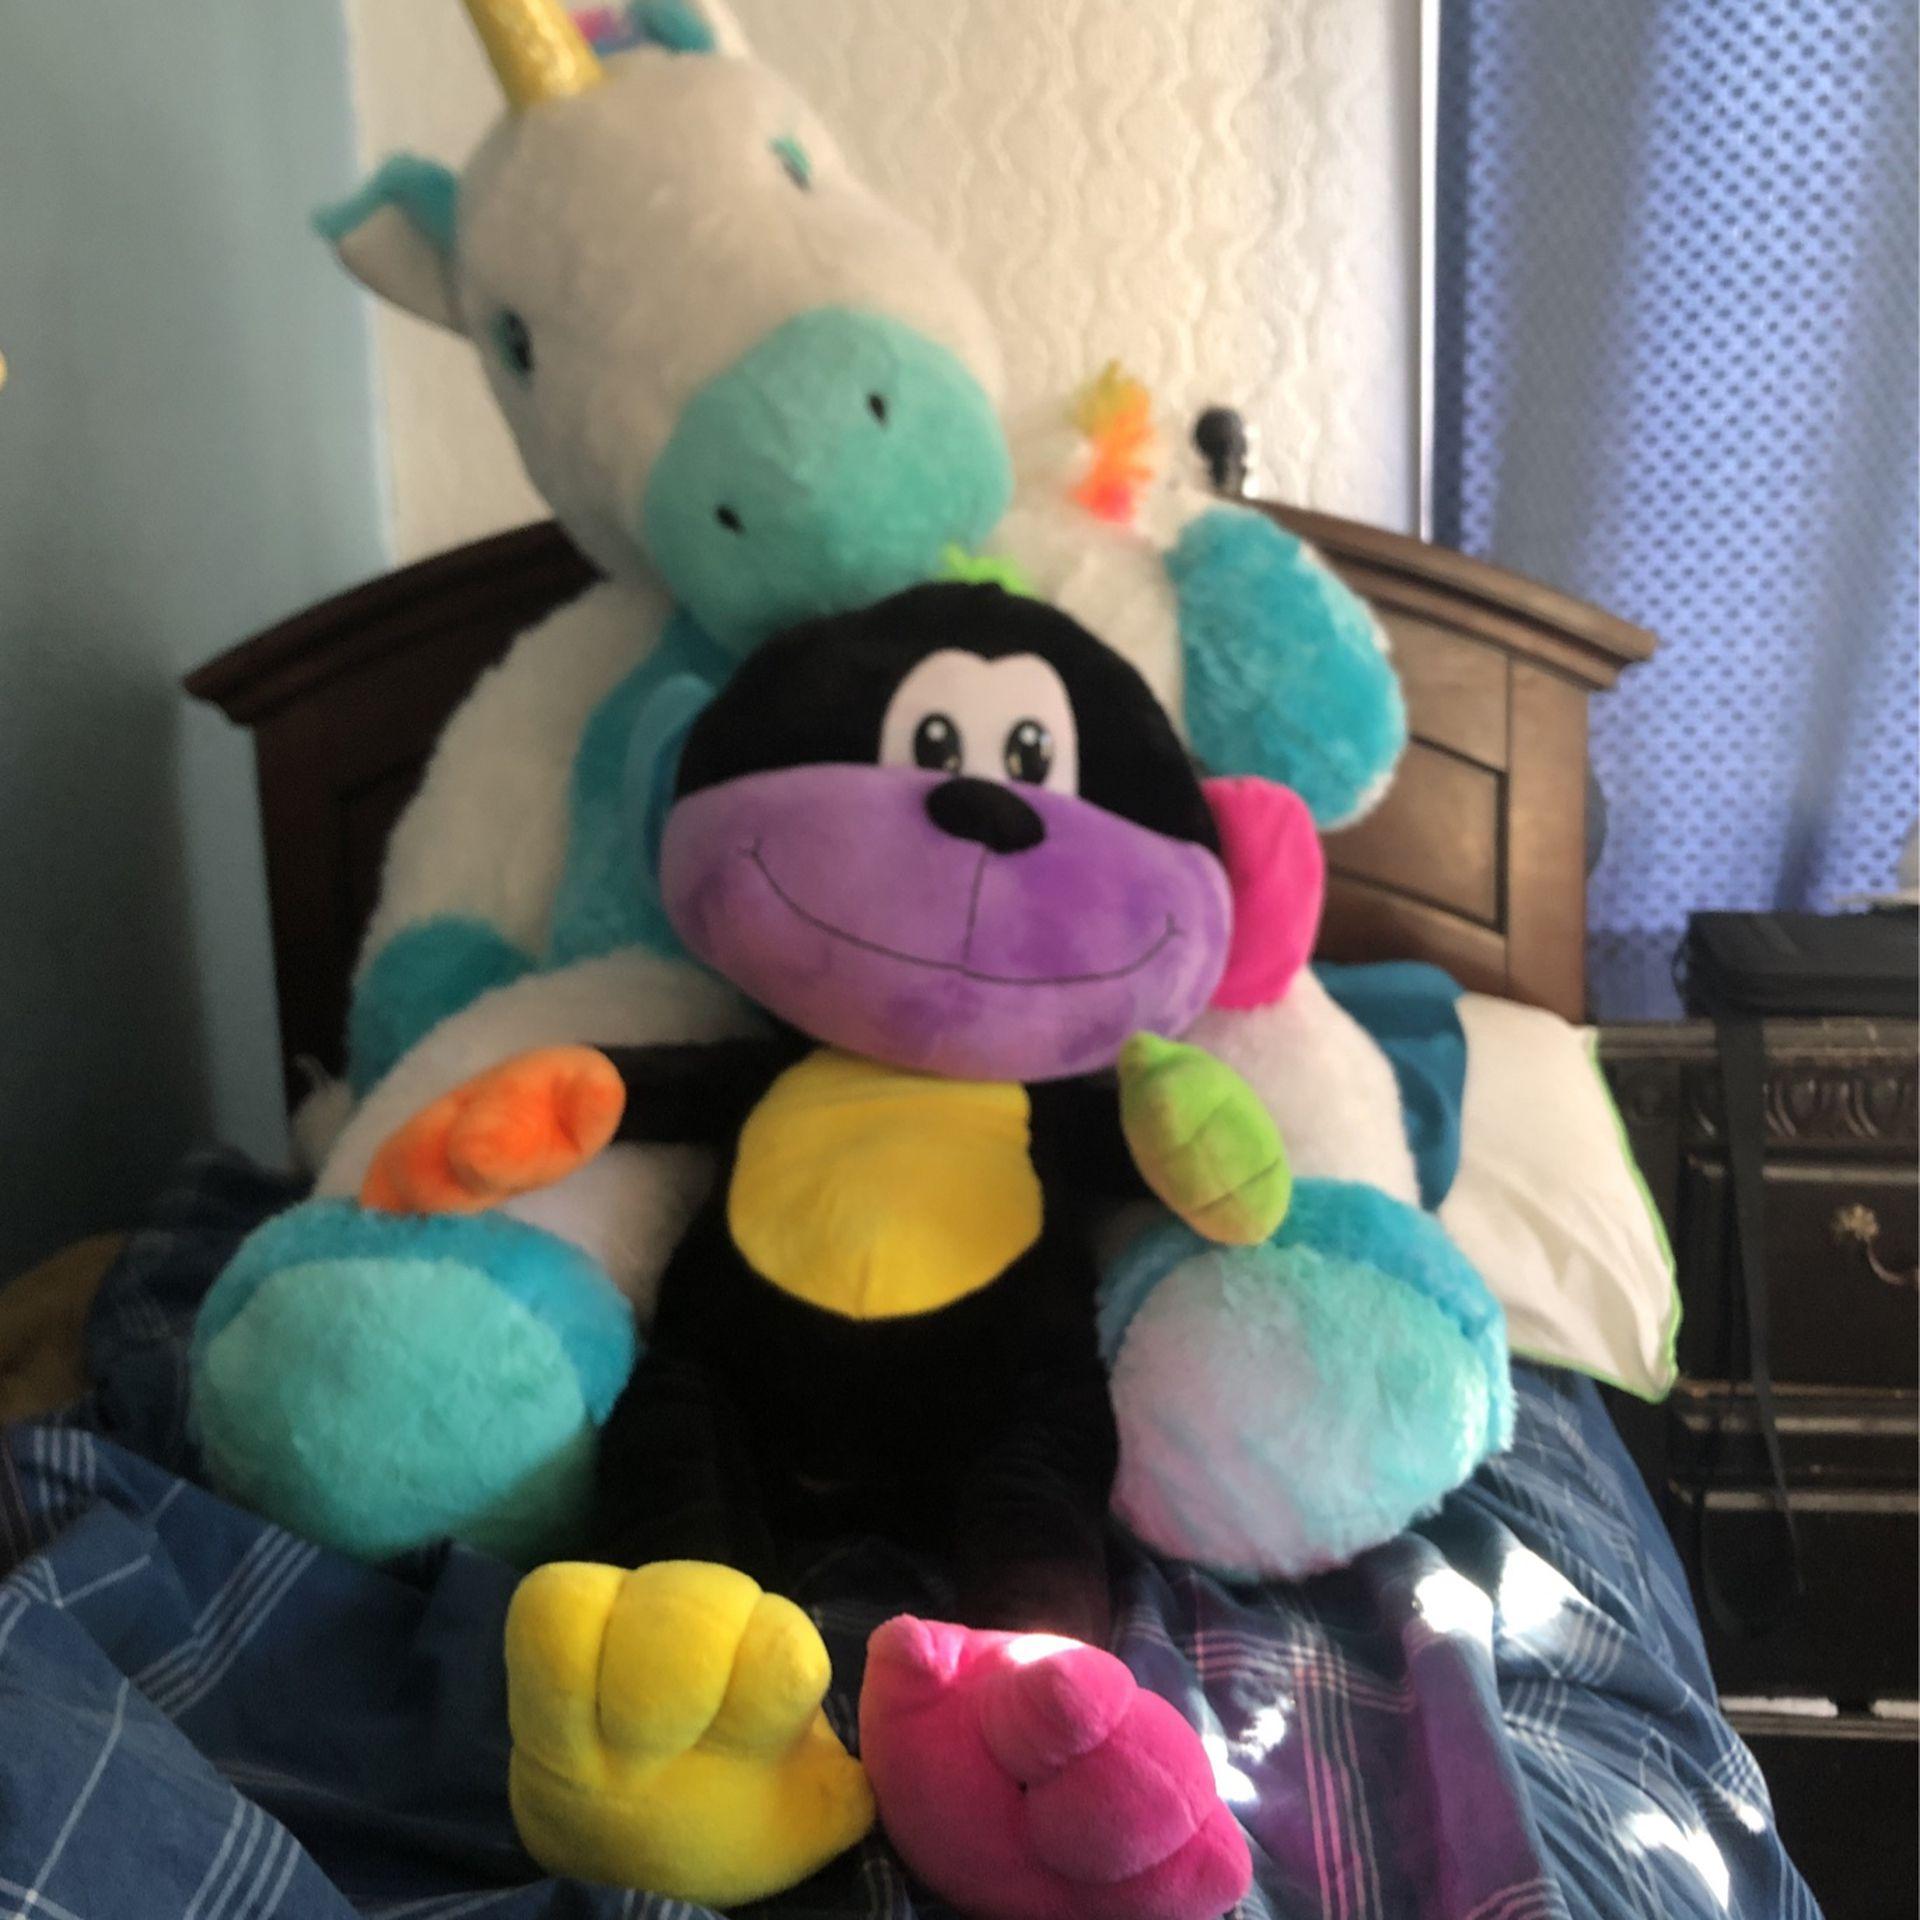 Extra large stuffed unicorn and large monkey